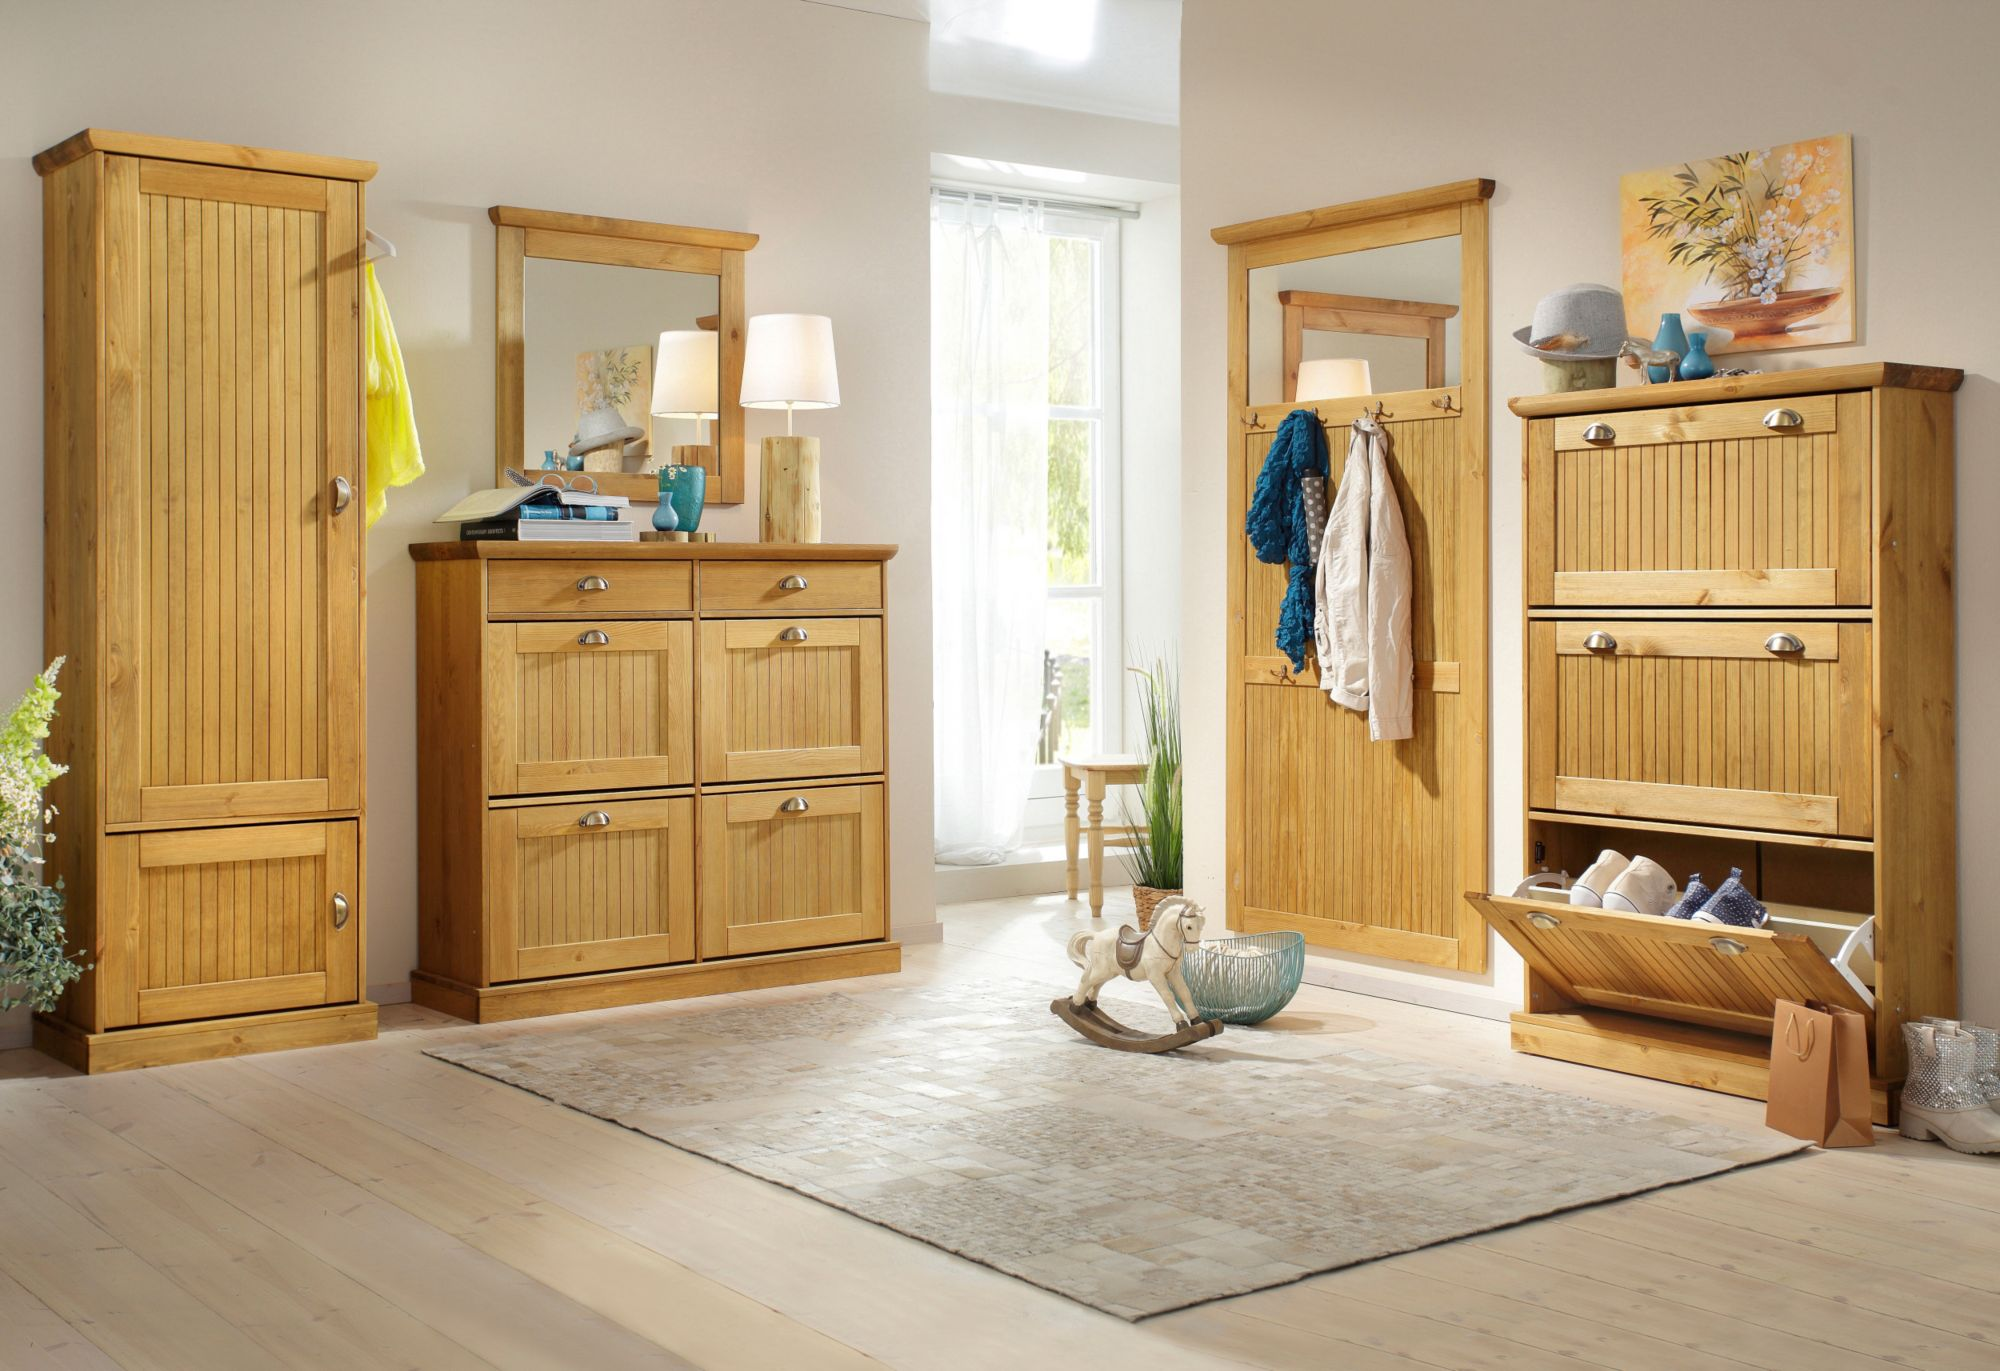 schuhschrank home affaire voldis schwab versand schlafzimmerspiegel. Black Bedroom Furniture Sets. Home Design Ideas